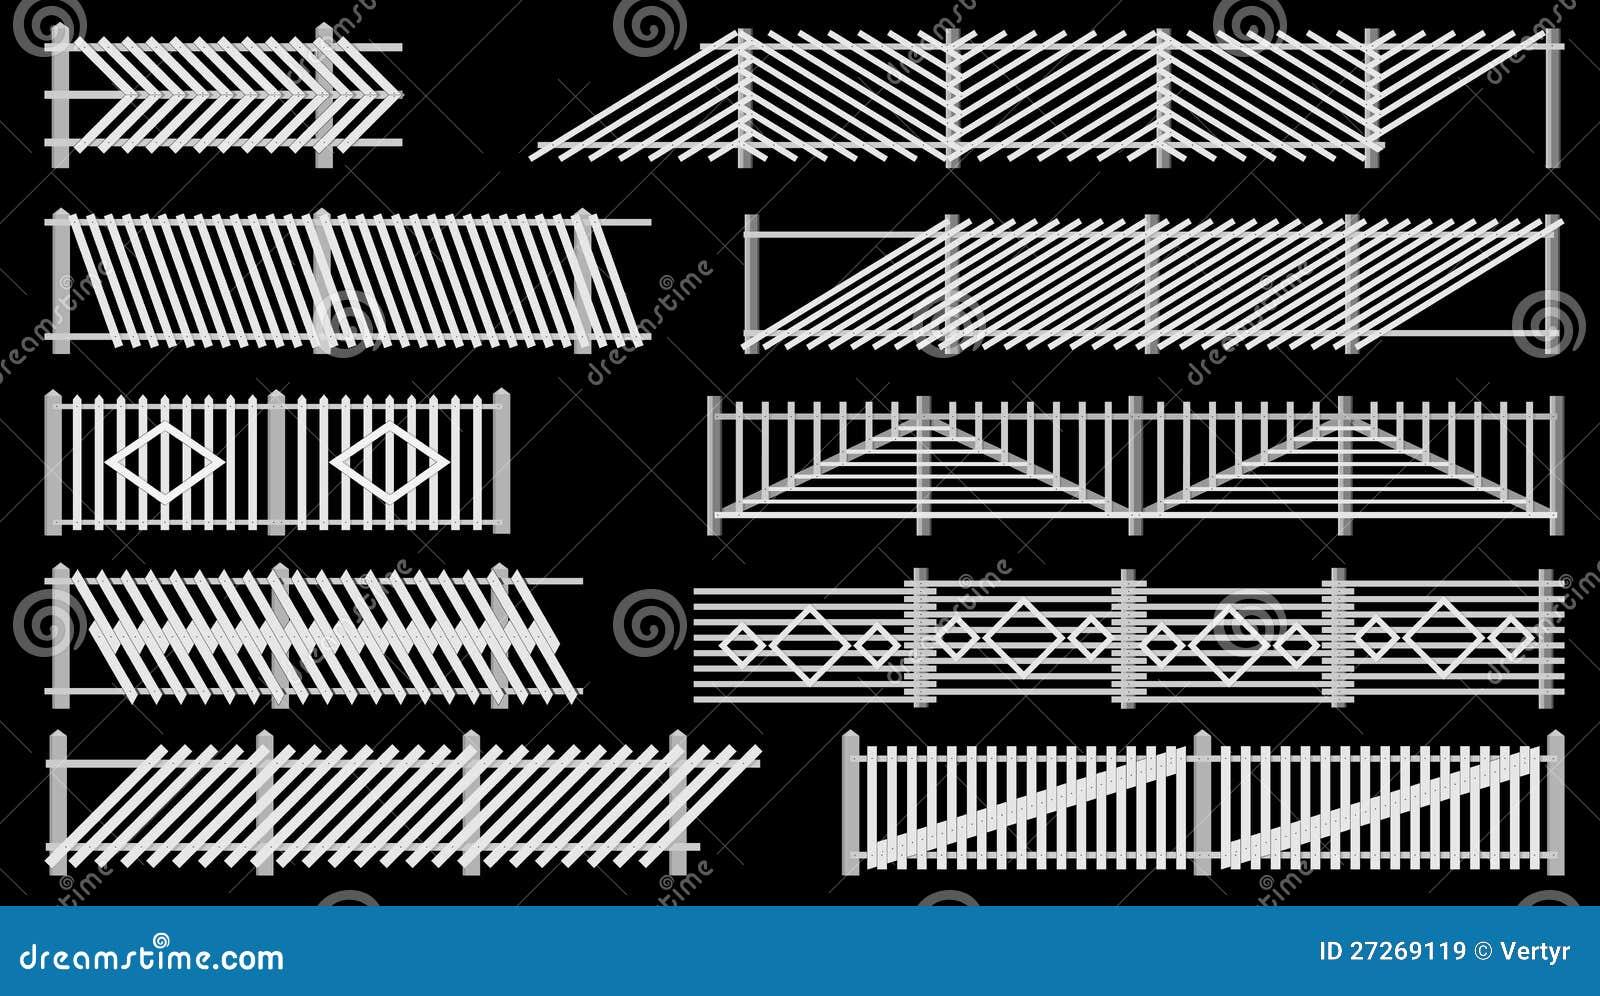 Staccionata Bianca In Legno insieme della rete fissa dalla recinzione del legno